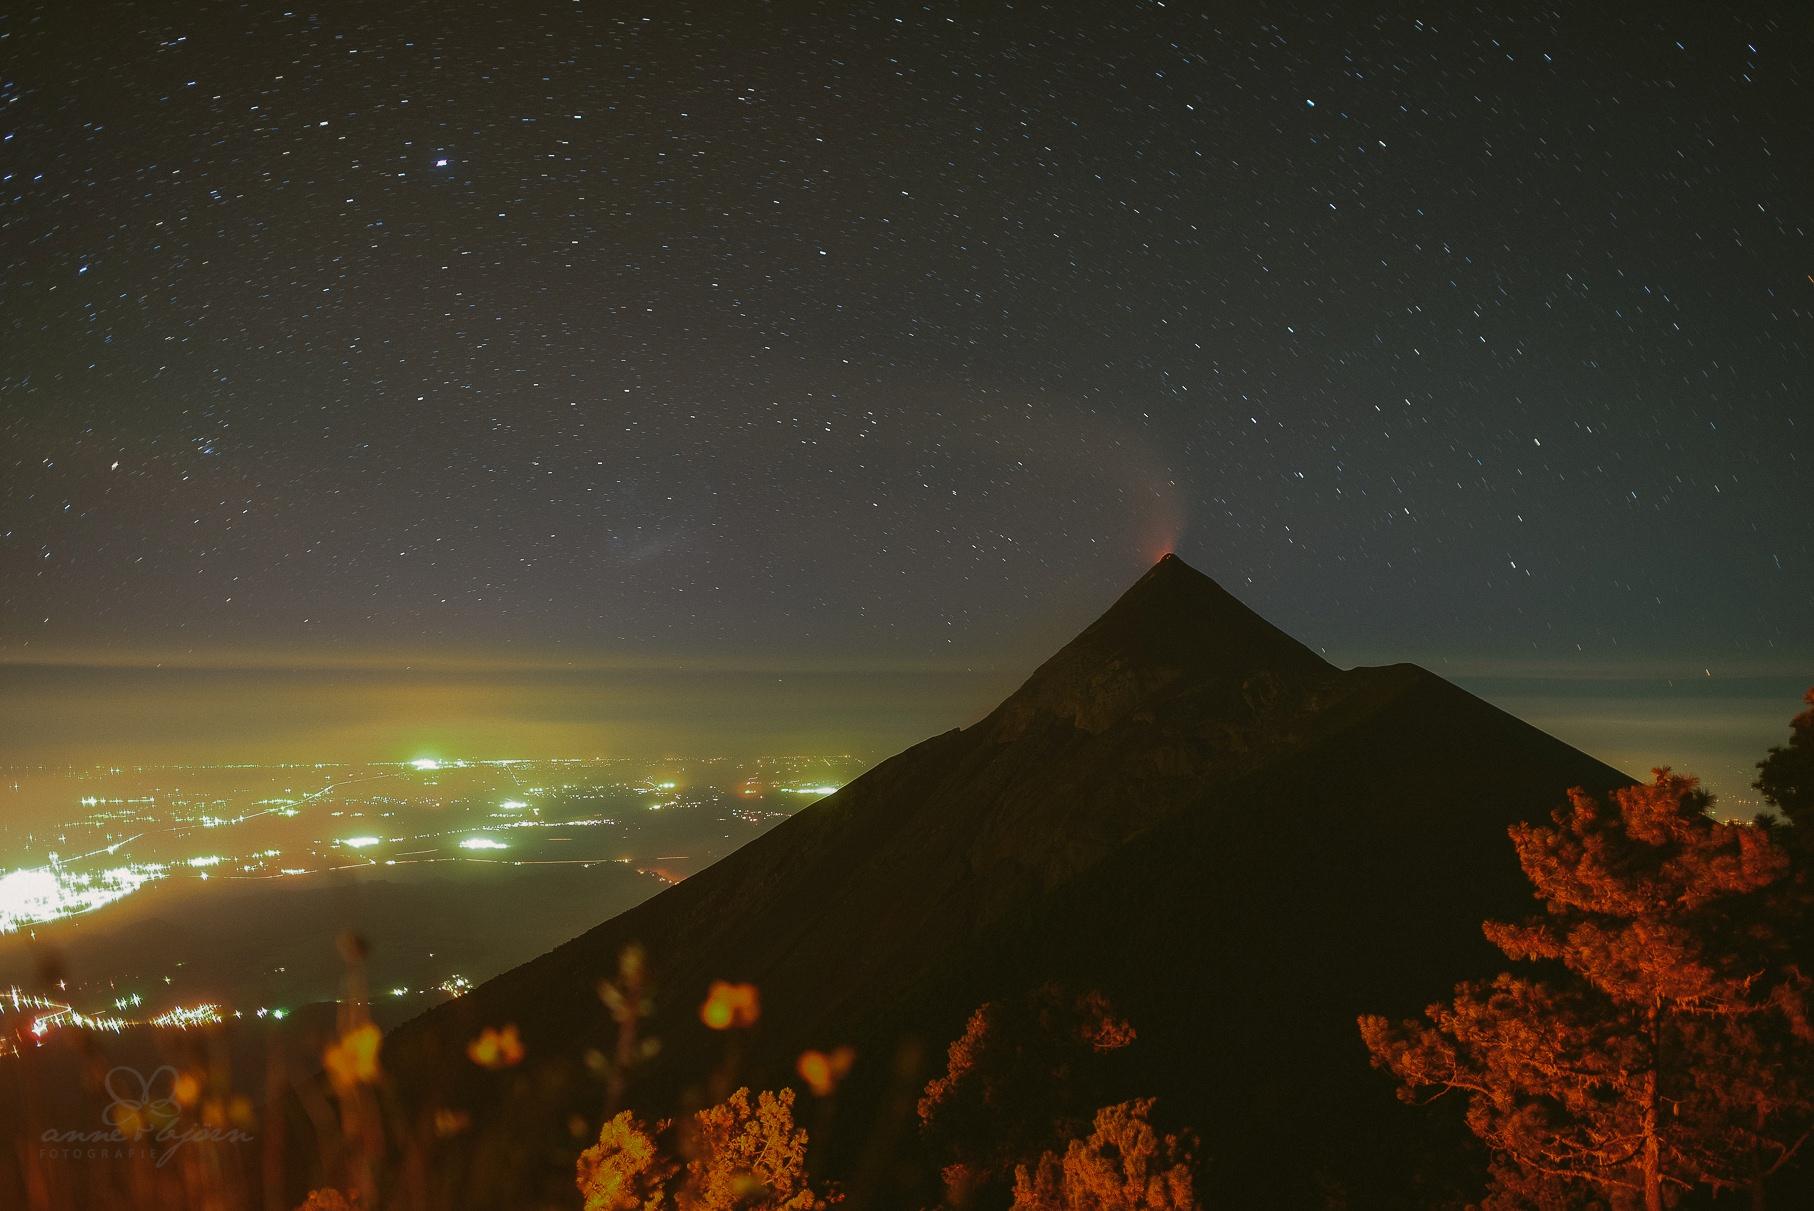 0105 anne und bjoern guatemala d75 1565 - 4 Wochen durch Guatemala - backpacking durch Mittelamerika